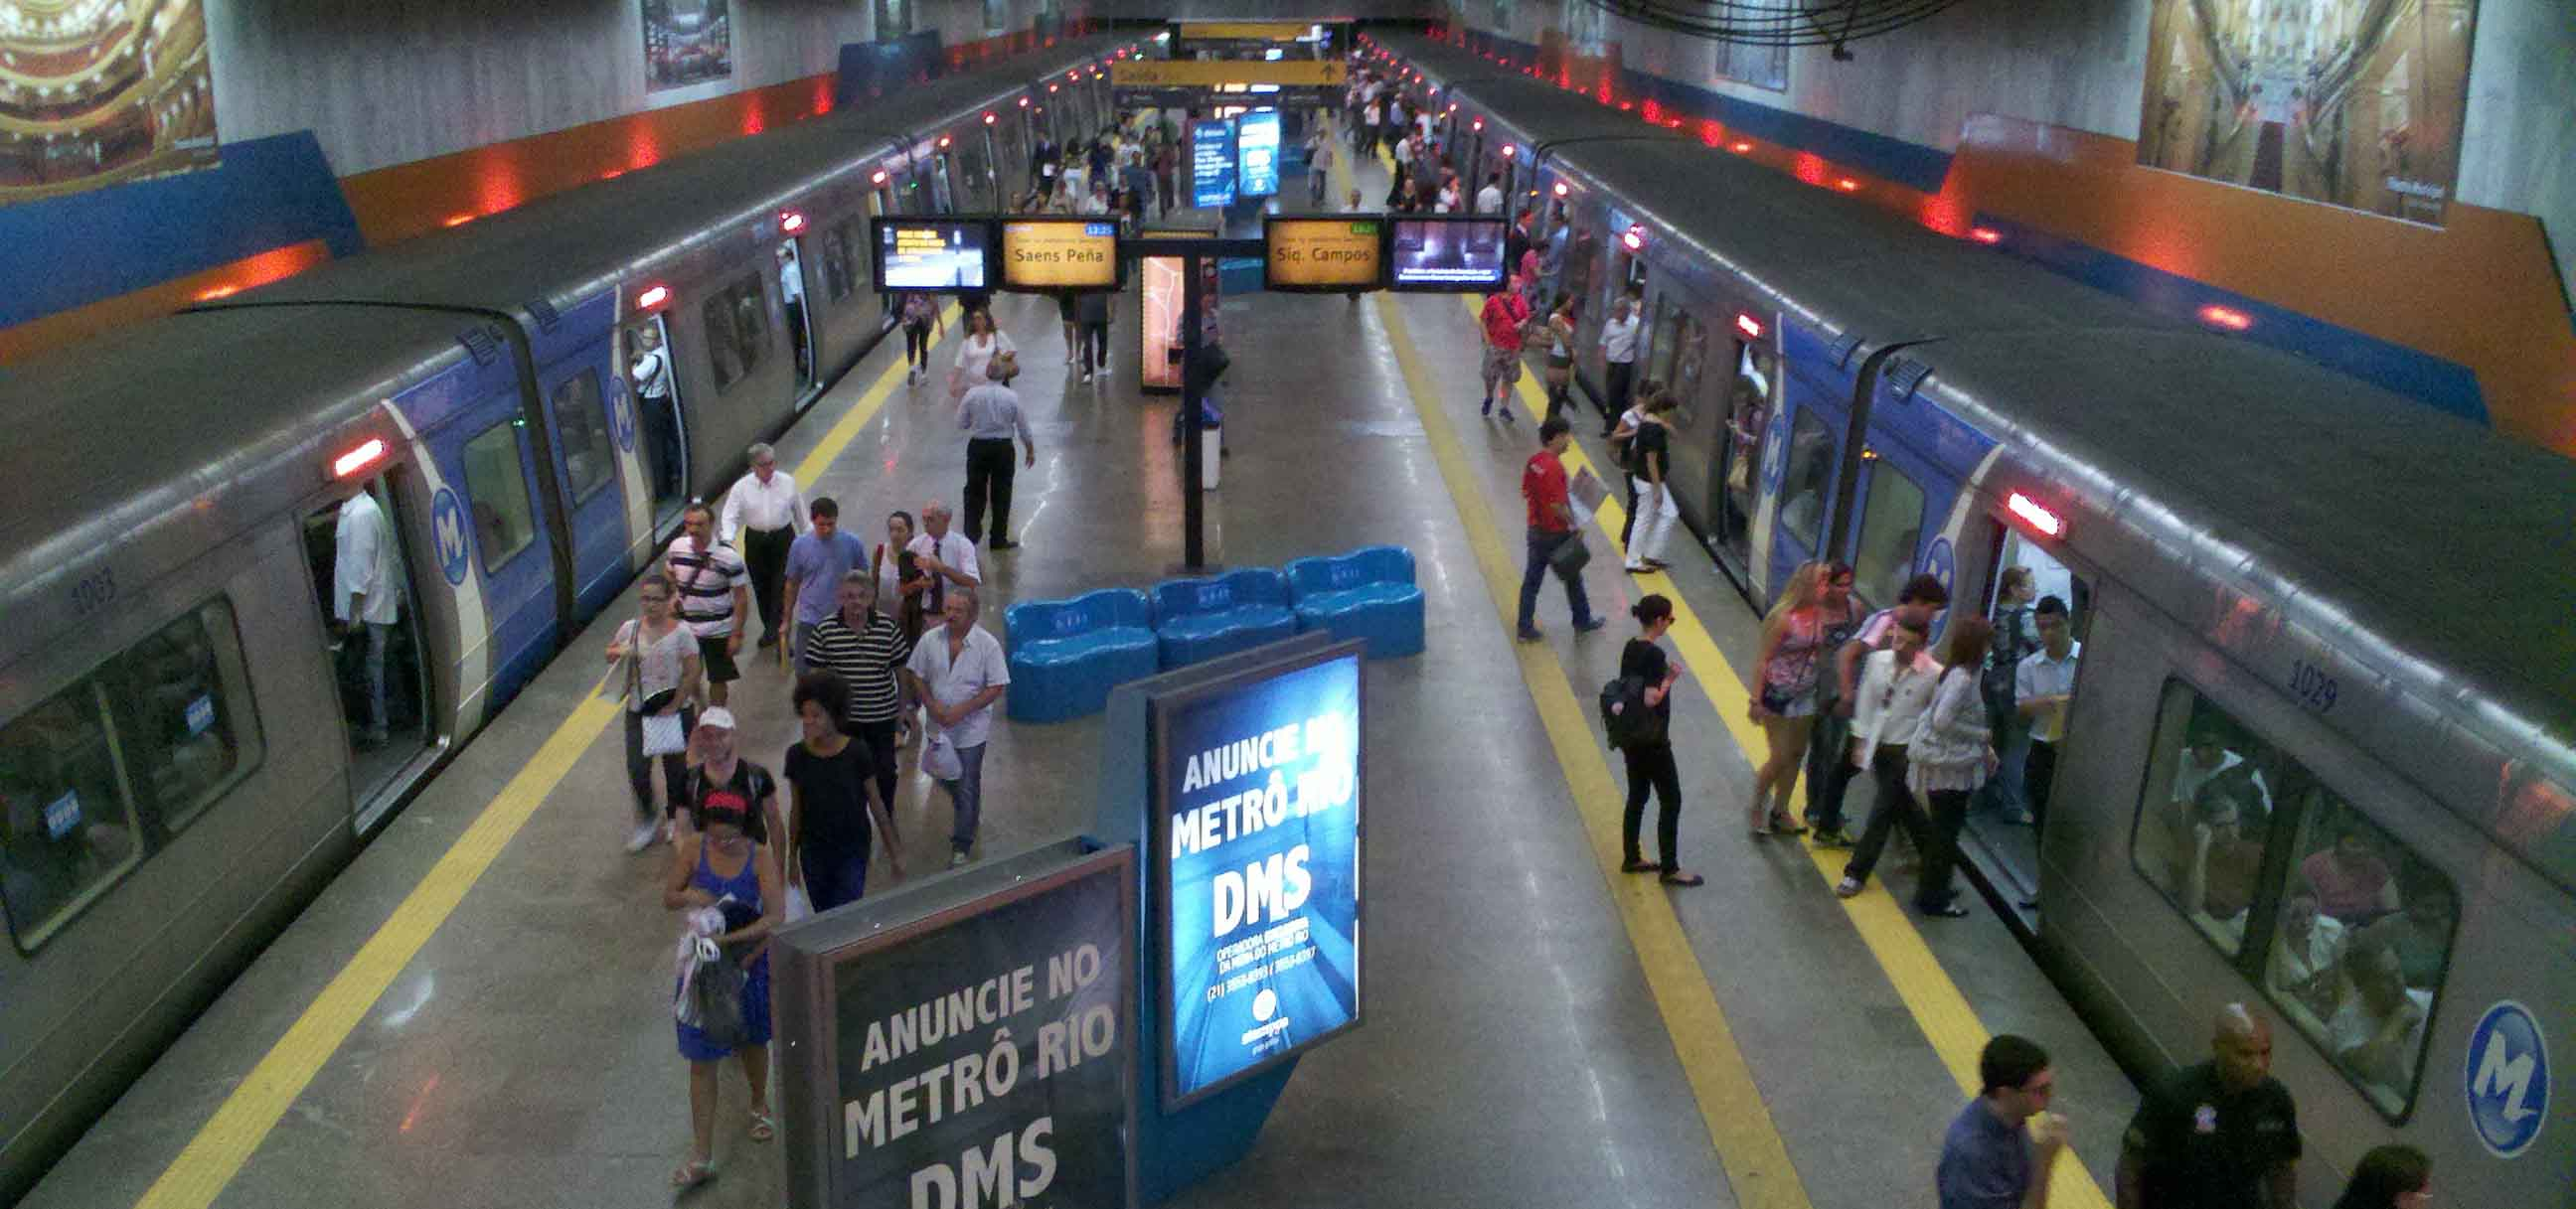 El legado de la infraestructura de los JJ.OO. se empieza a ver reflejado en el país carioca con la apertura de la línea 4 de el servicio de transporte